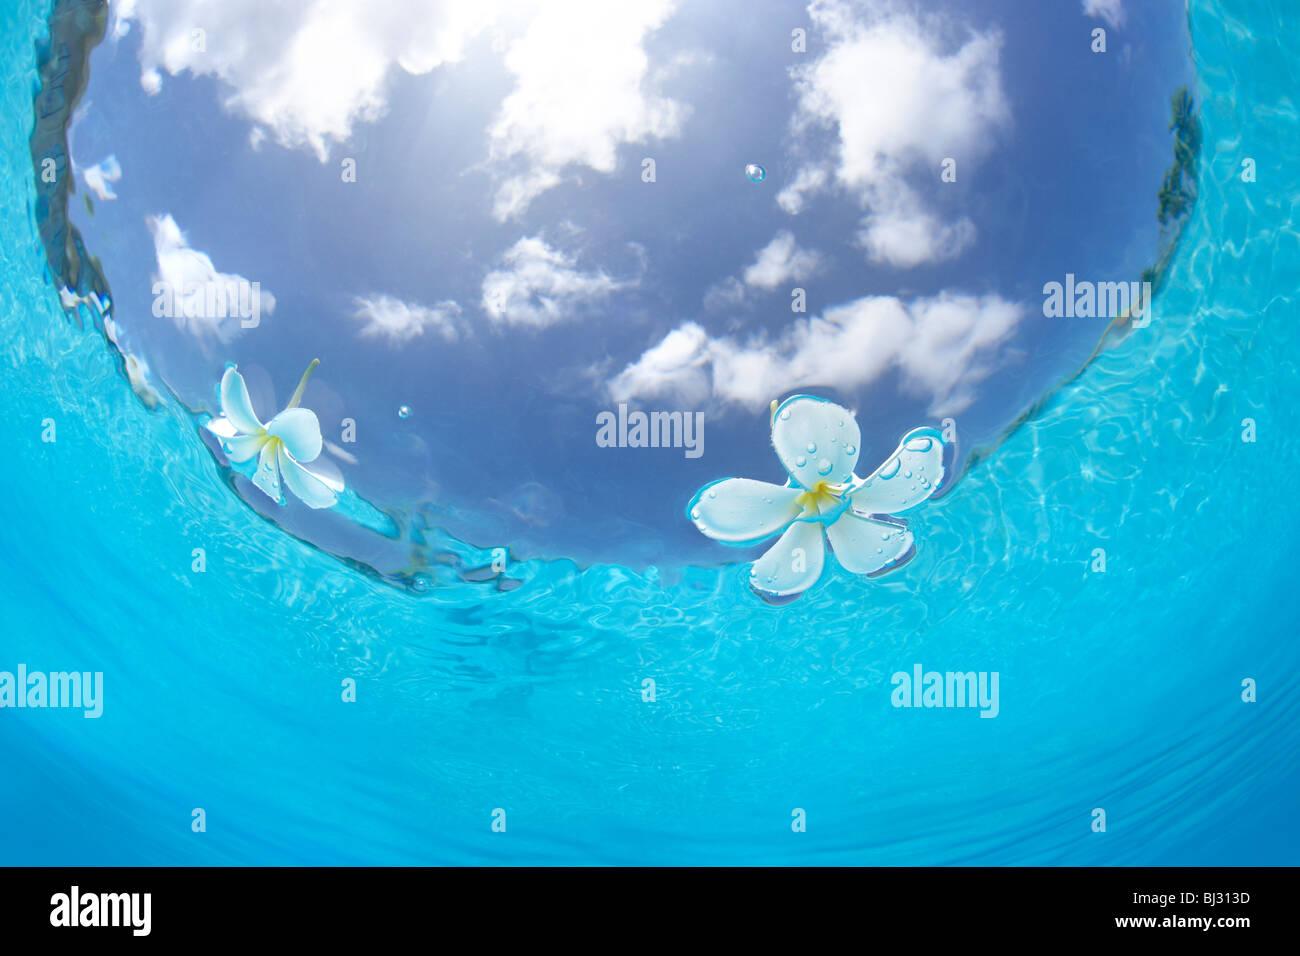 Plumerias flotando sobre el agua Imagen De Stock